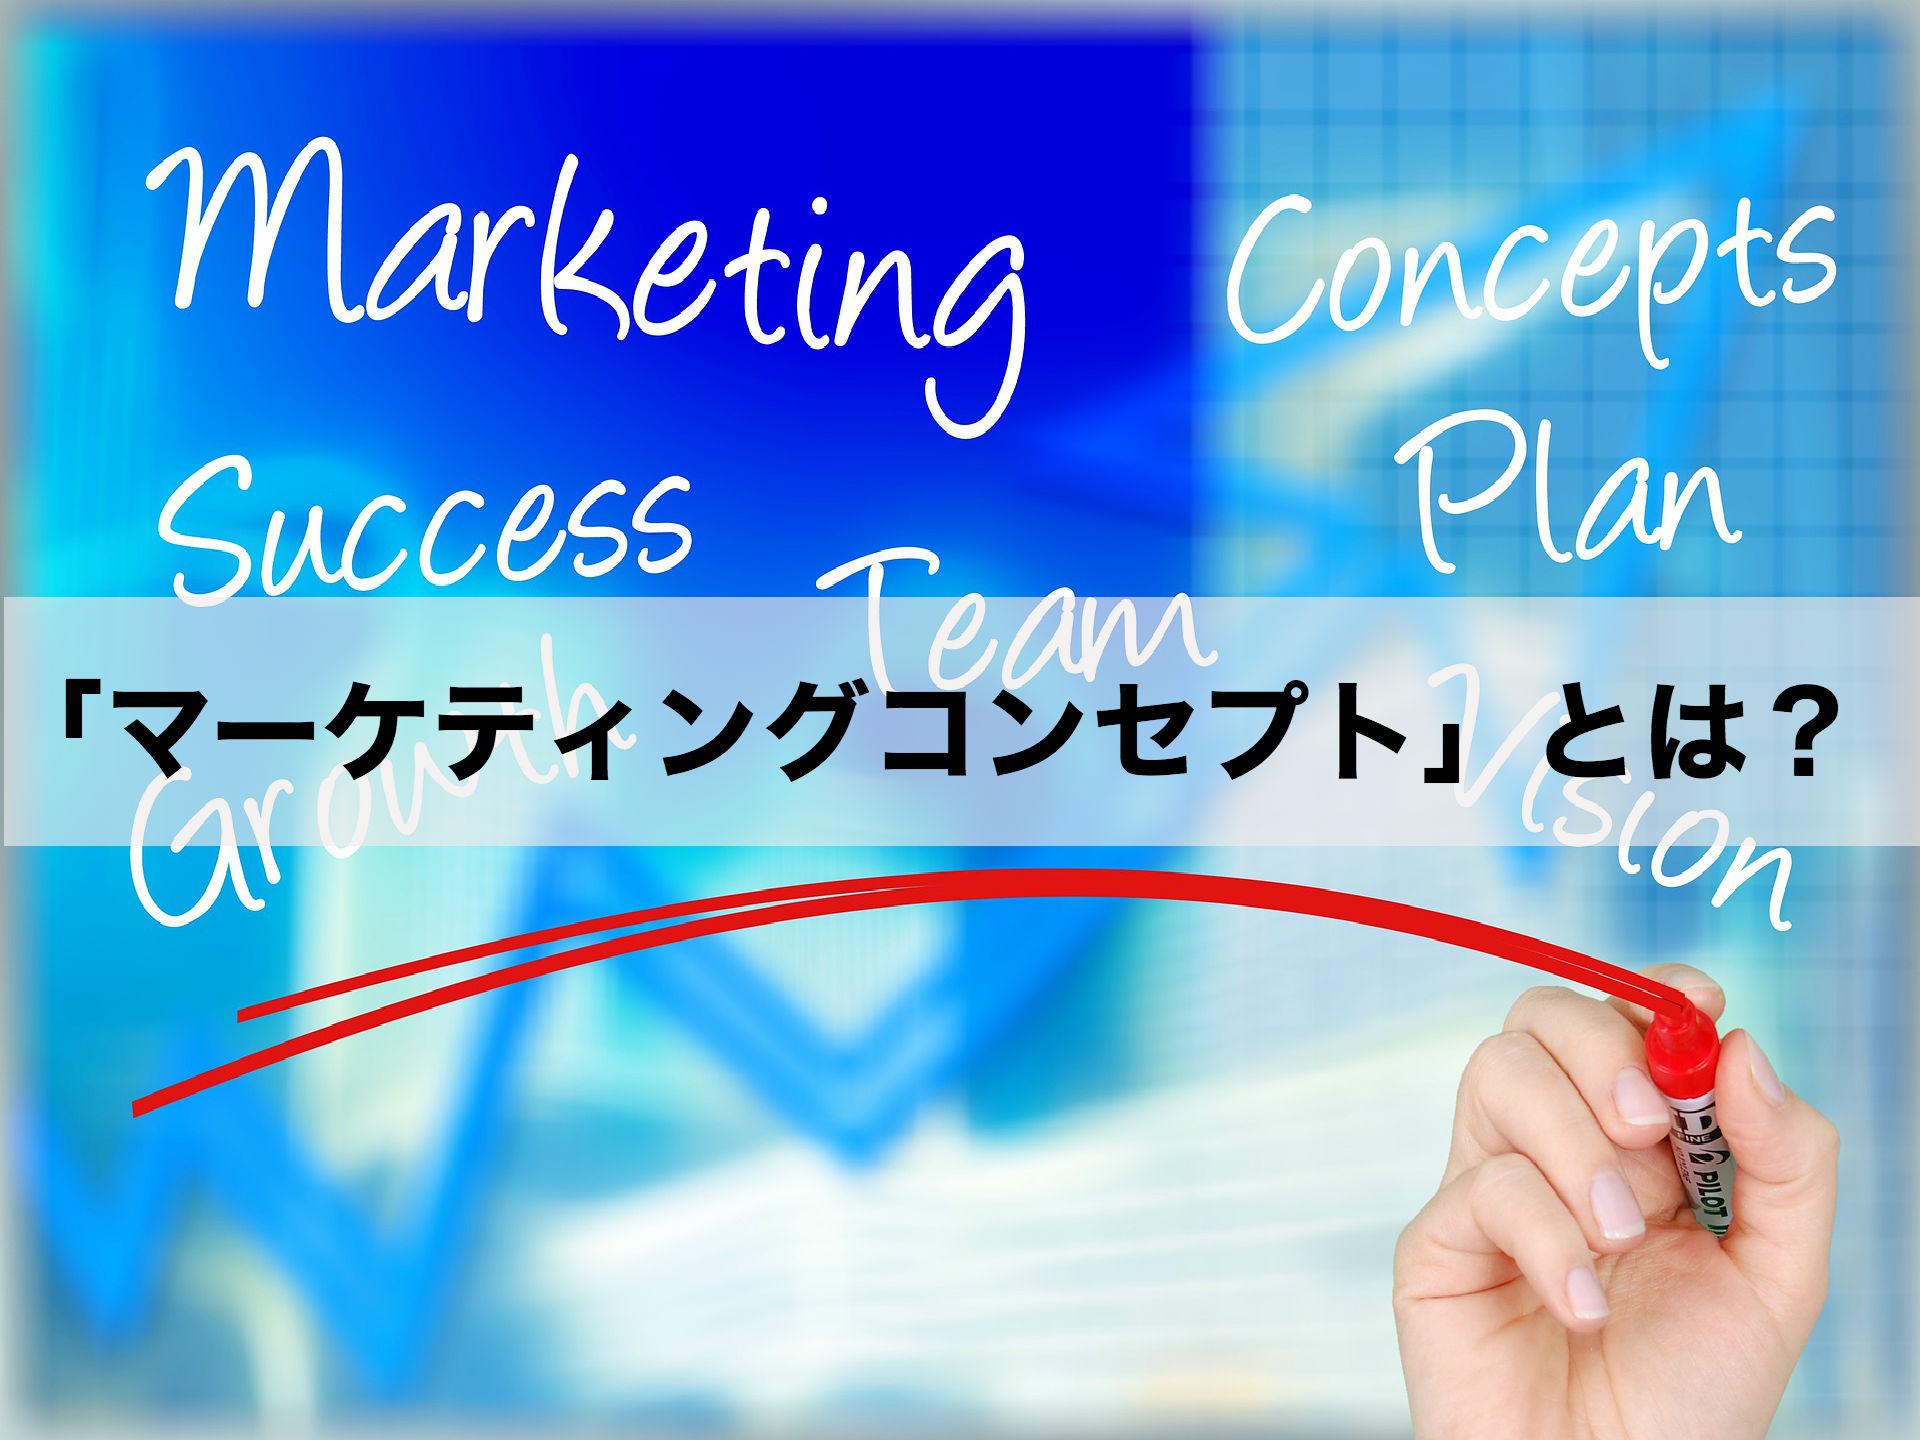 2つの事例付き!マーケティングコンセプトについて徹底解説します。